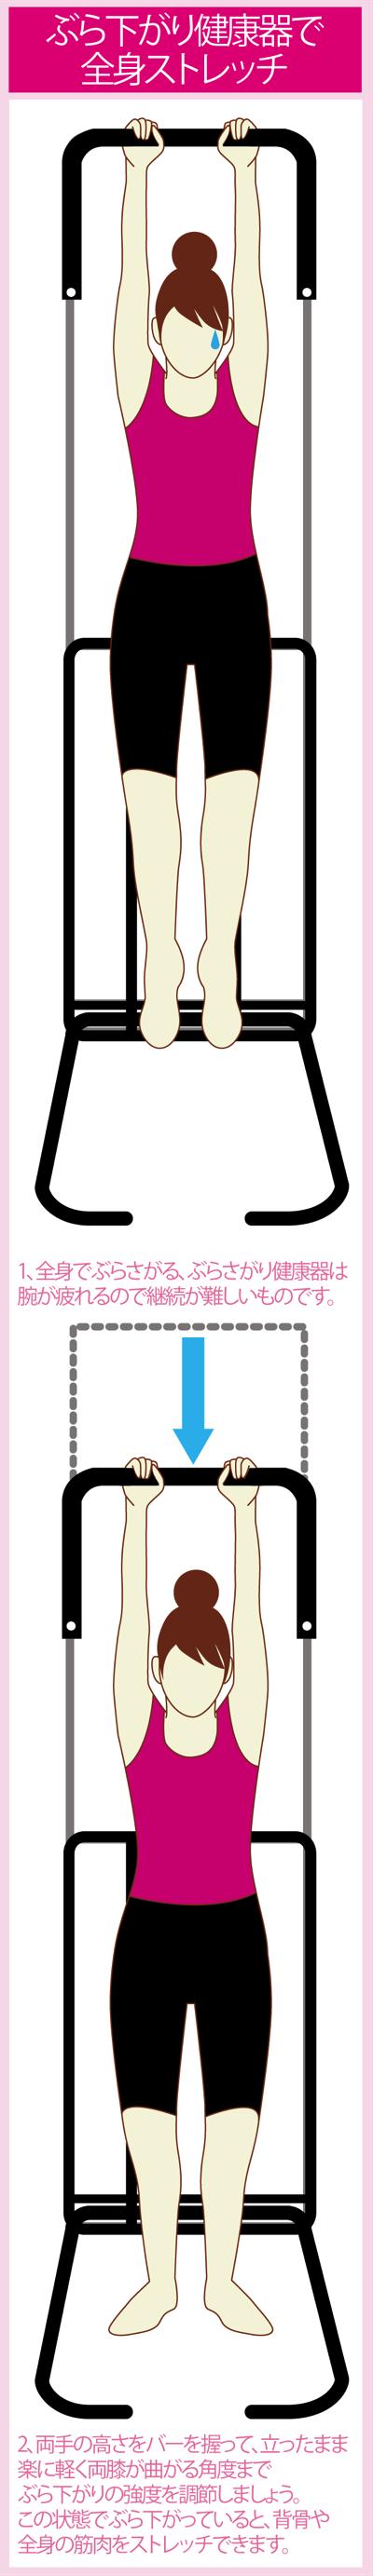 懸垂マシンの基本の使い方